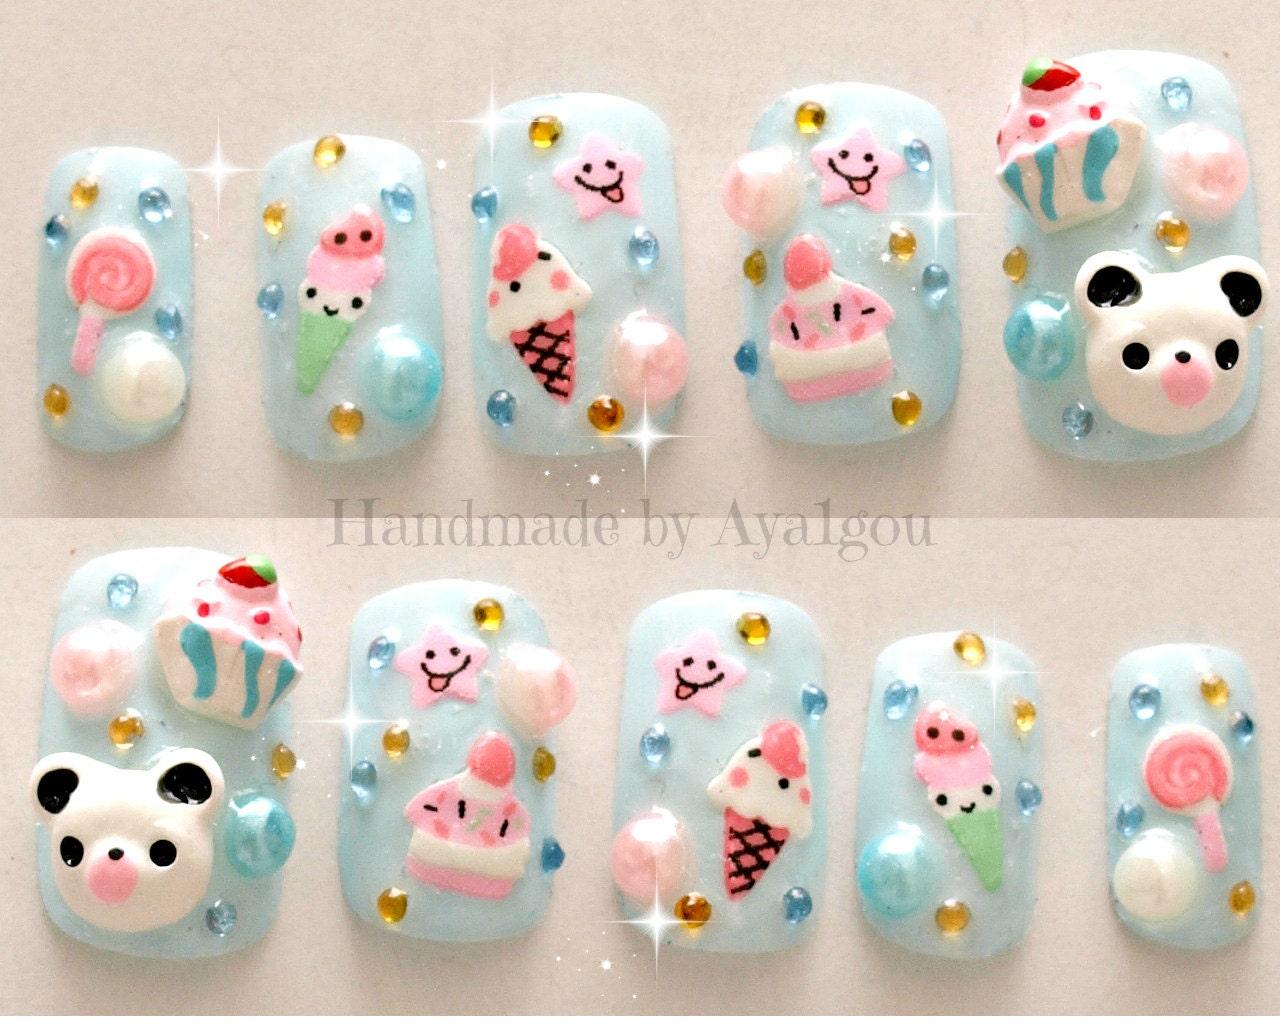 3d Cake Nail Art : Kawaii nails kuma 3D nails Japanese nail art summer